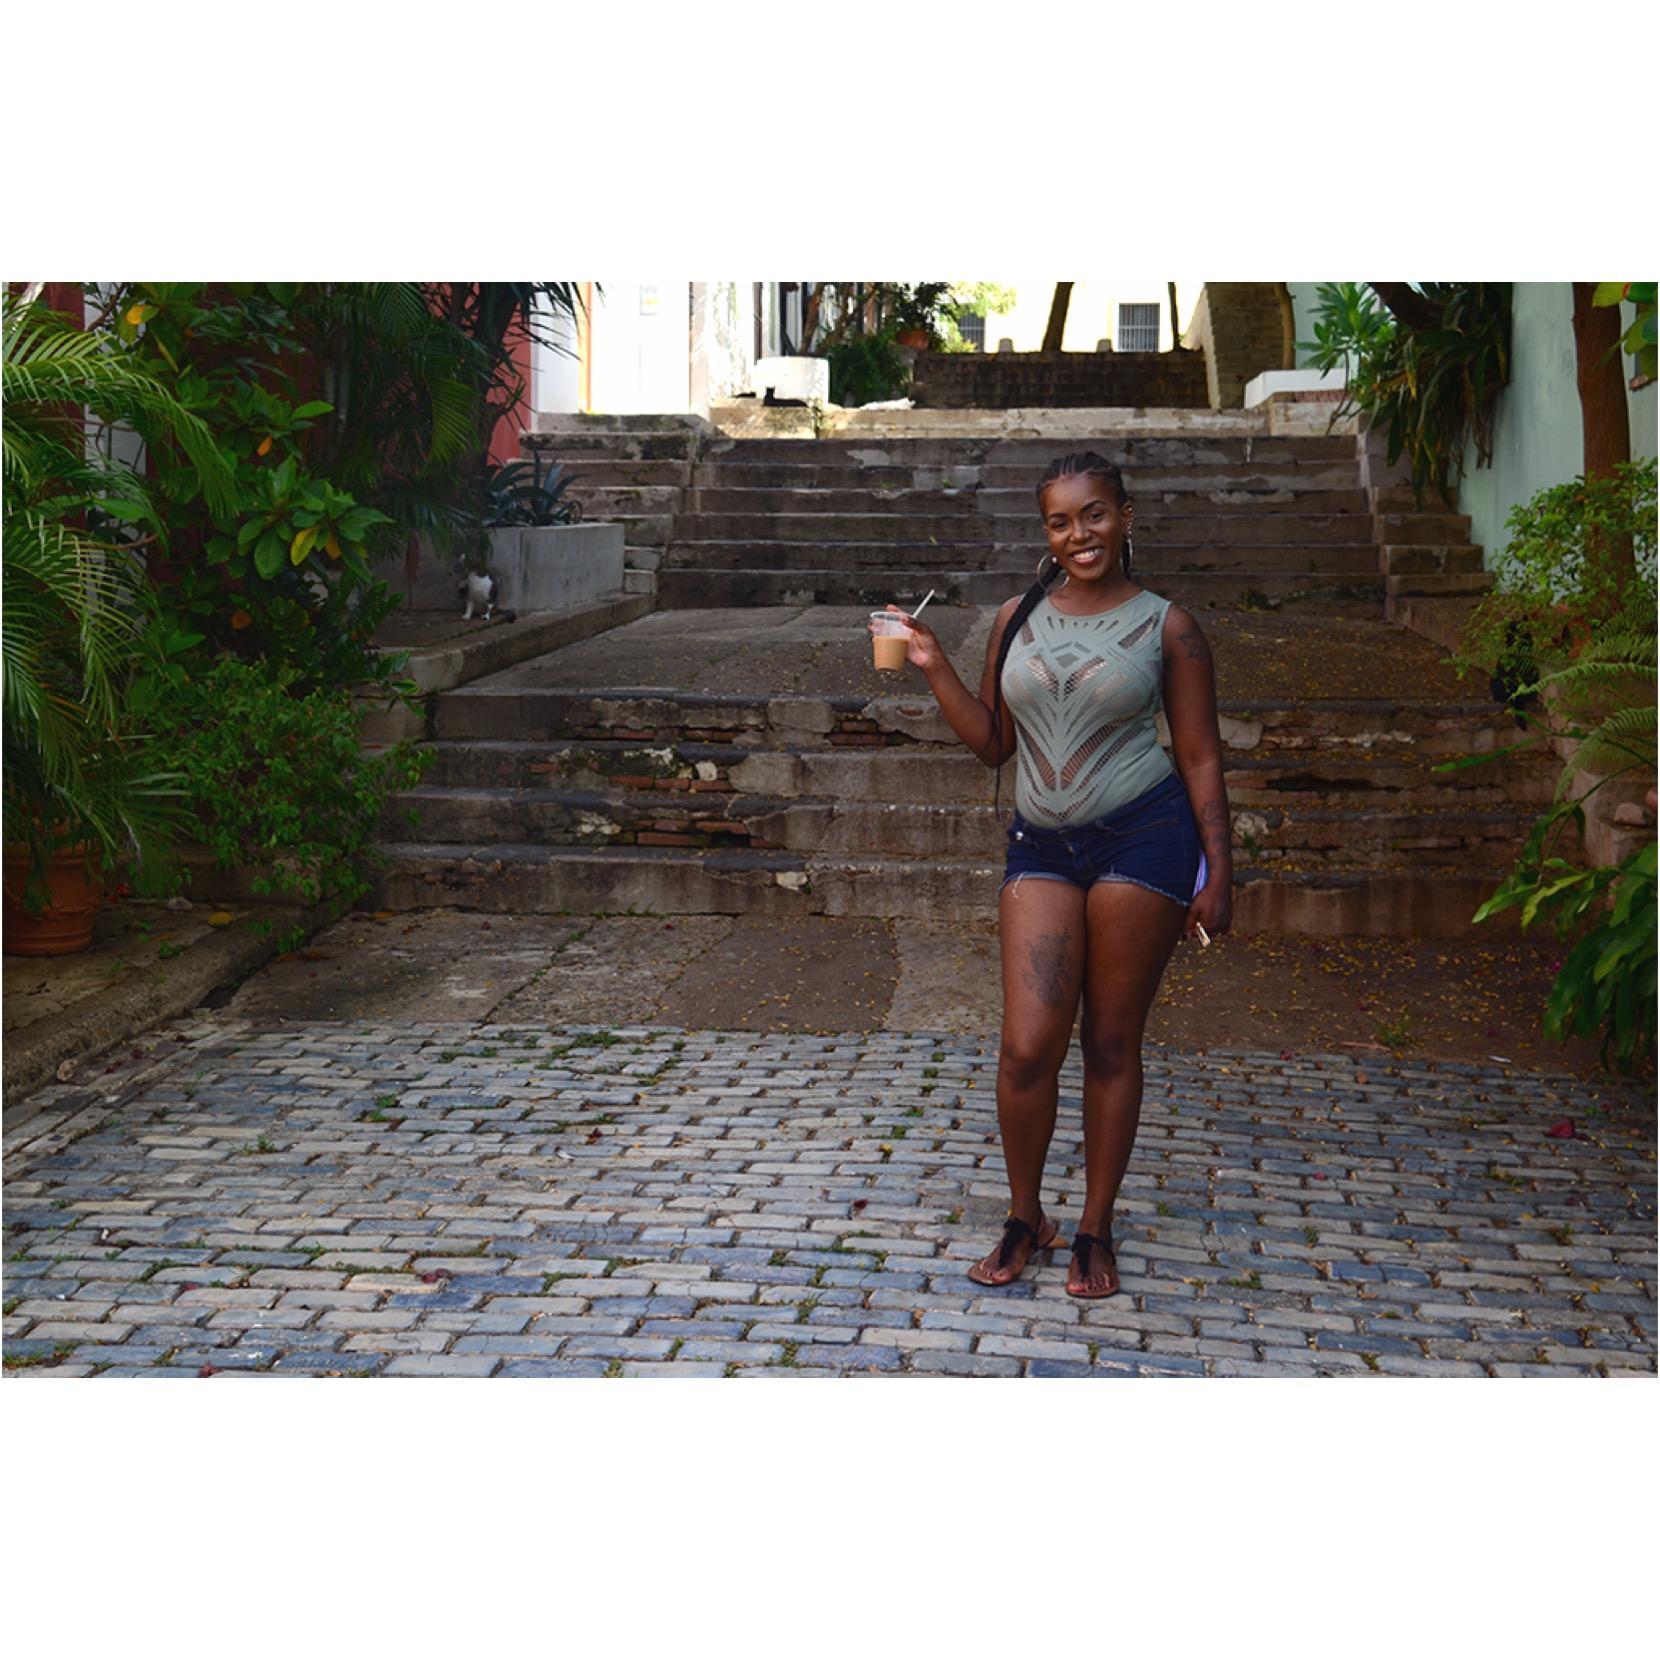 Enjoying San Juan